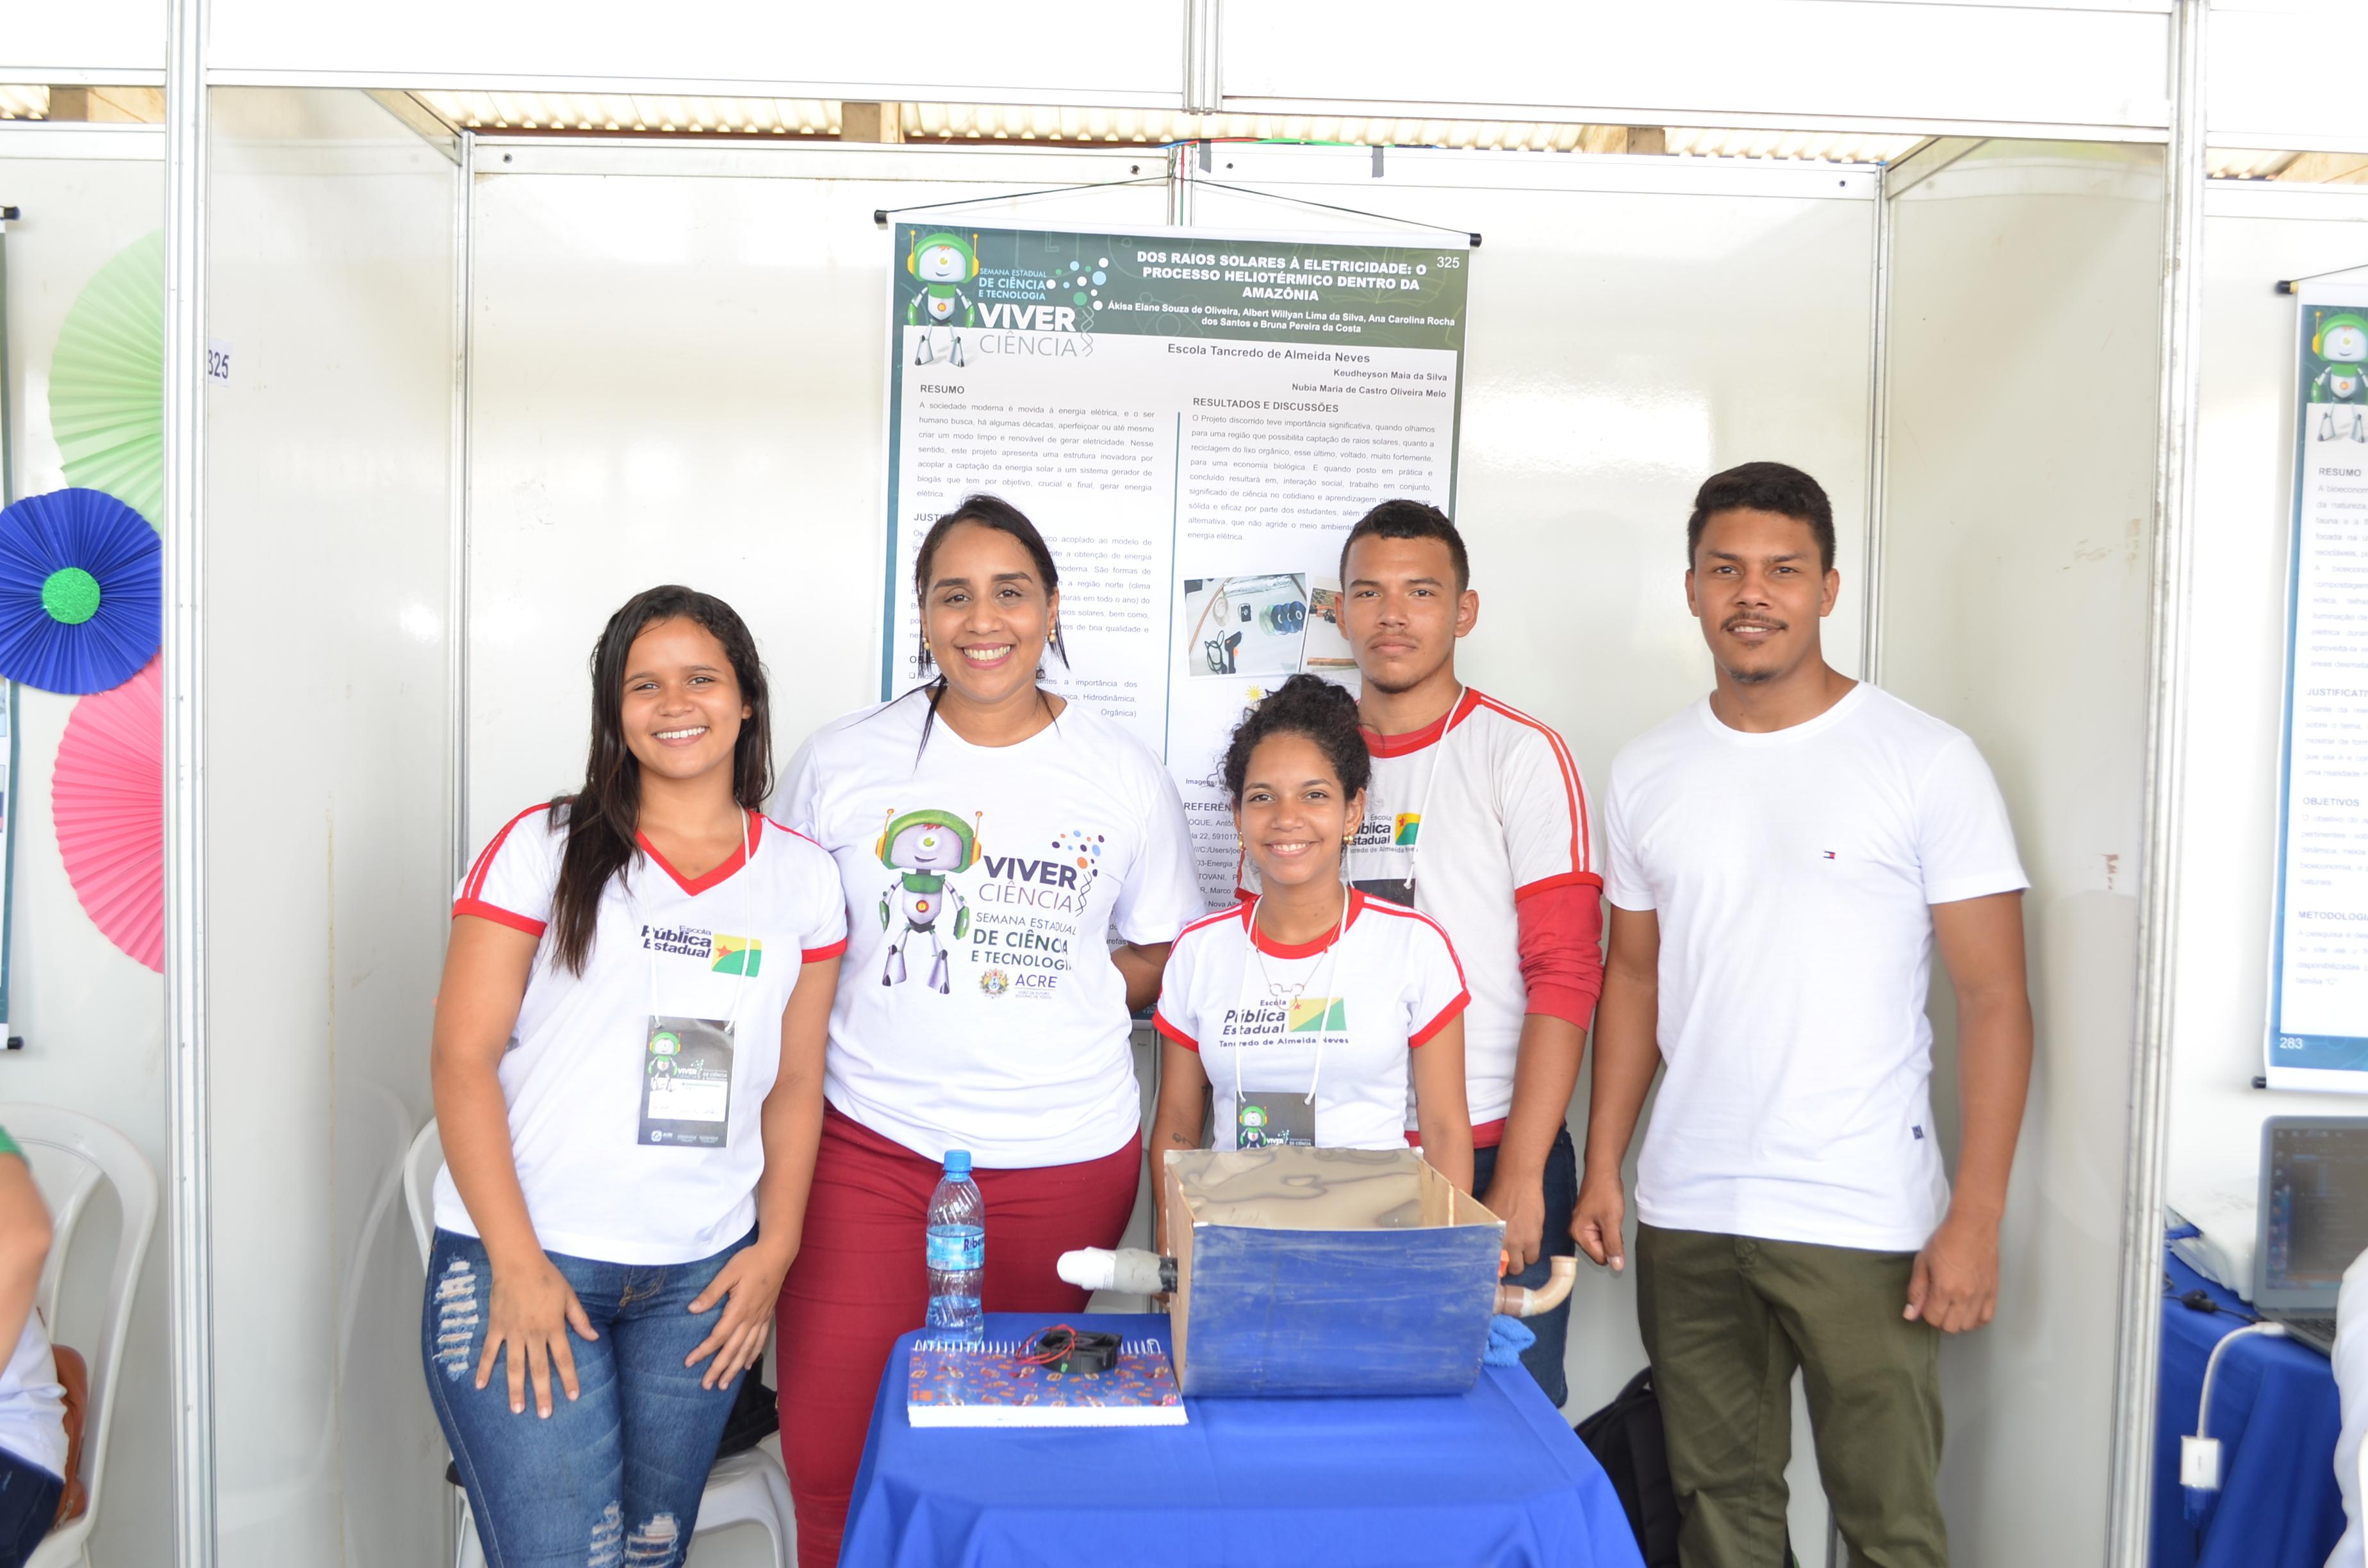 Alunos da Tancredo Neves apresentam trabalhos no Viver Ciência